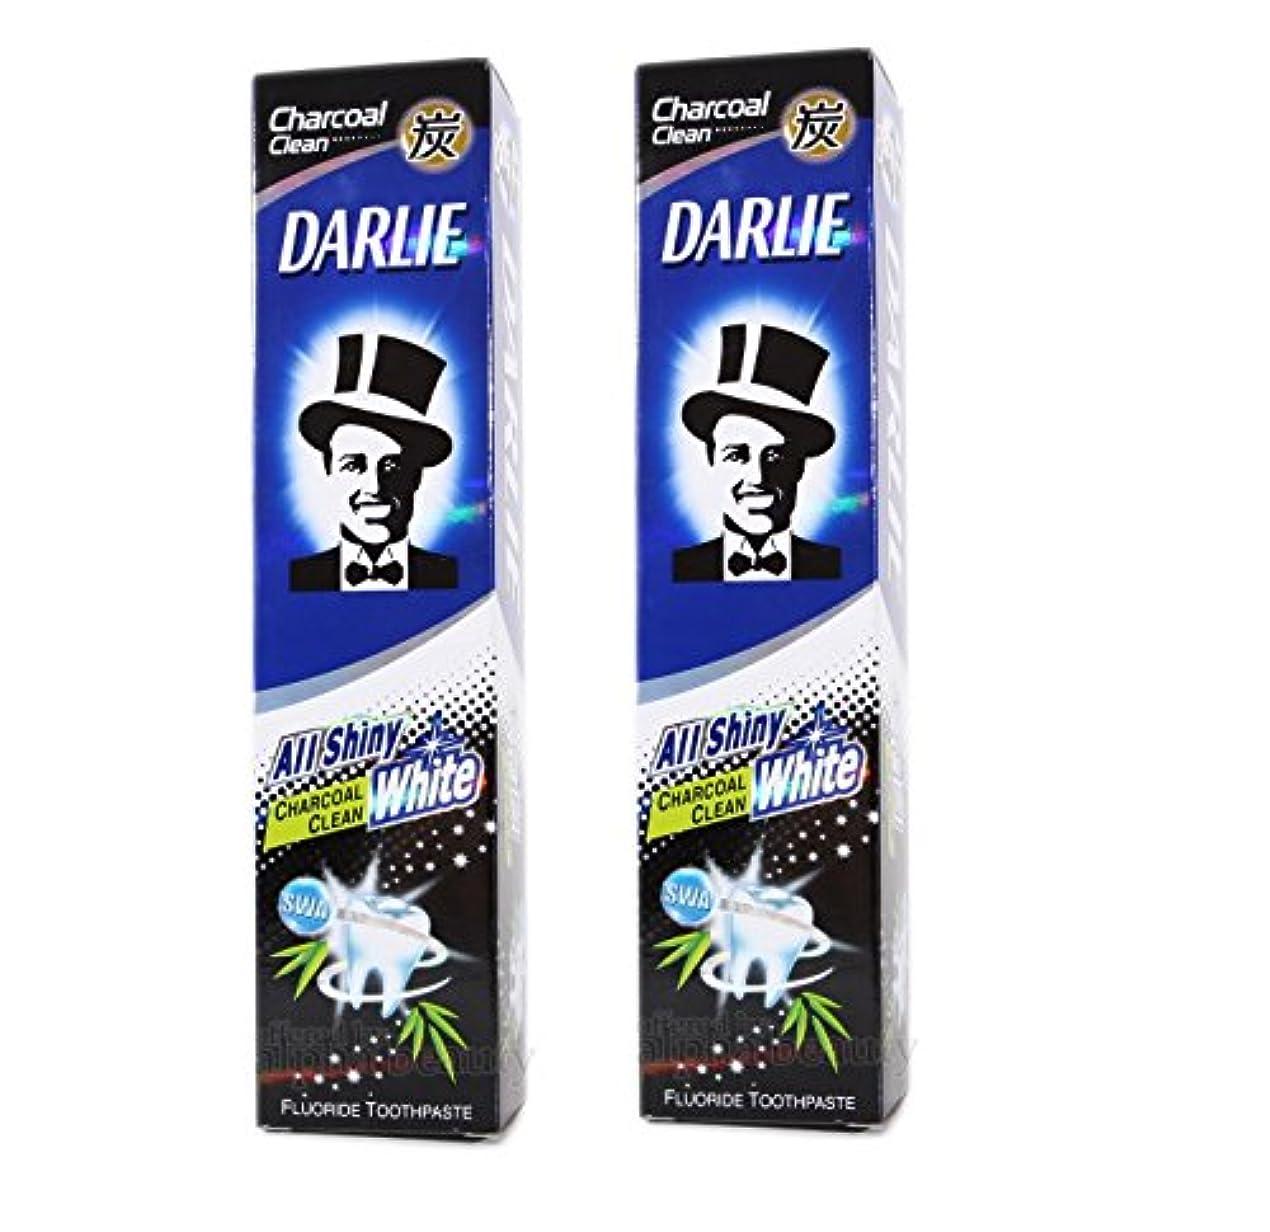 電報フィクションカード2 packs of Darlie Charcoal All Shiny Whitening Toothpaste by Darlie